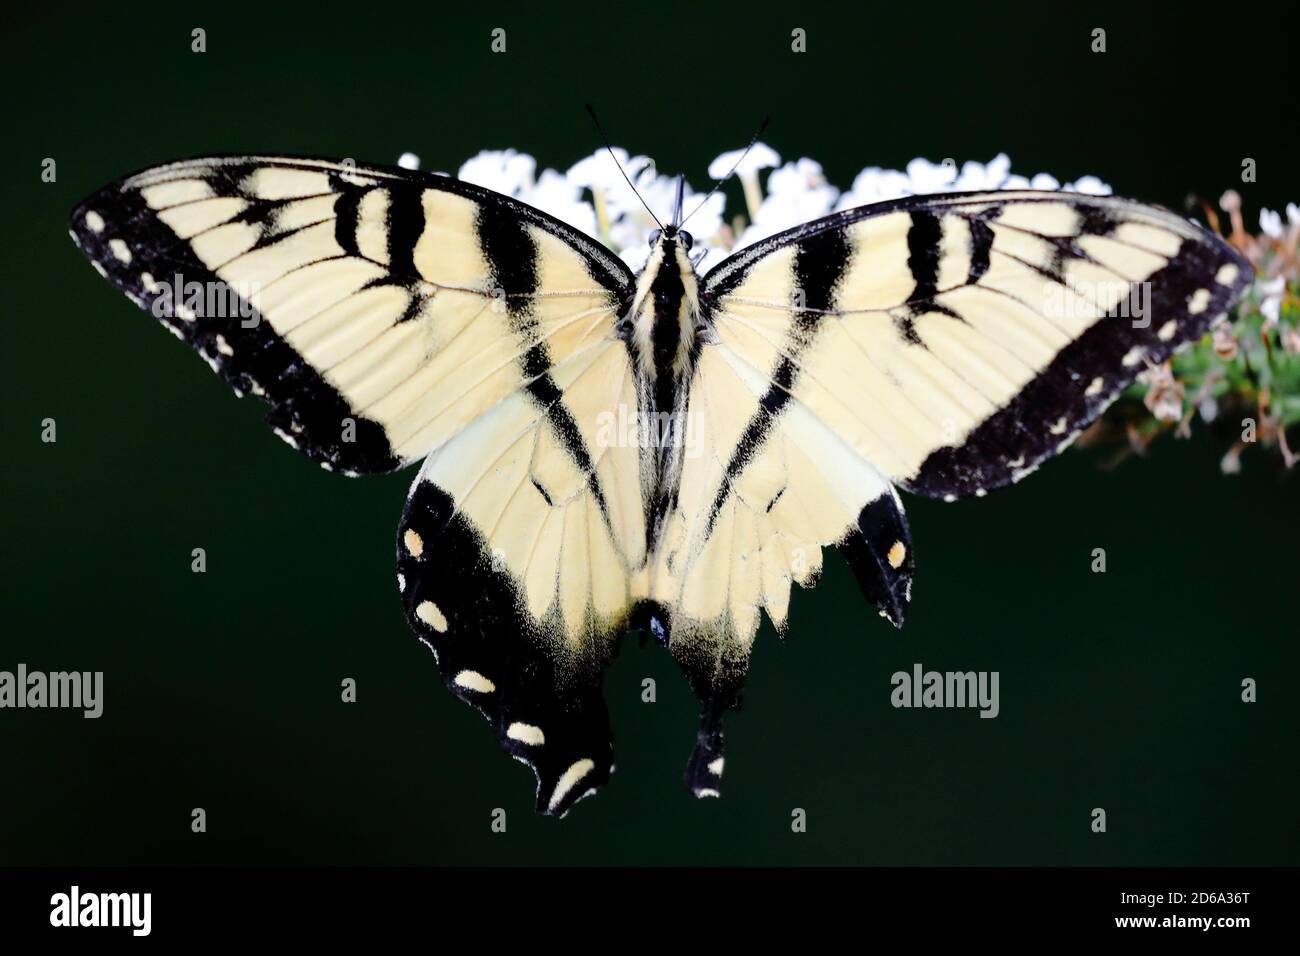 Vista superior de la mariposa del tigre oriental (Papilio glaucus) Chupar néctar una flor en un jardín de América del Norte en verano Foto de stock